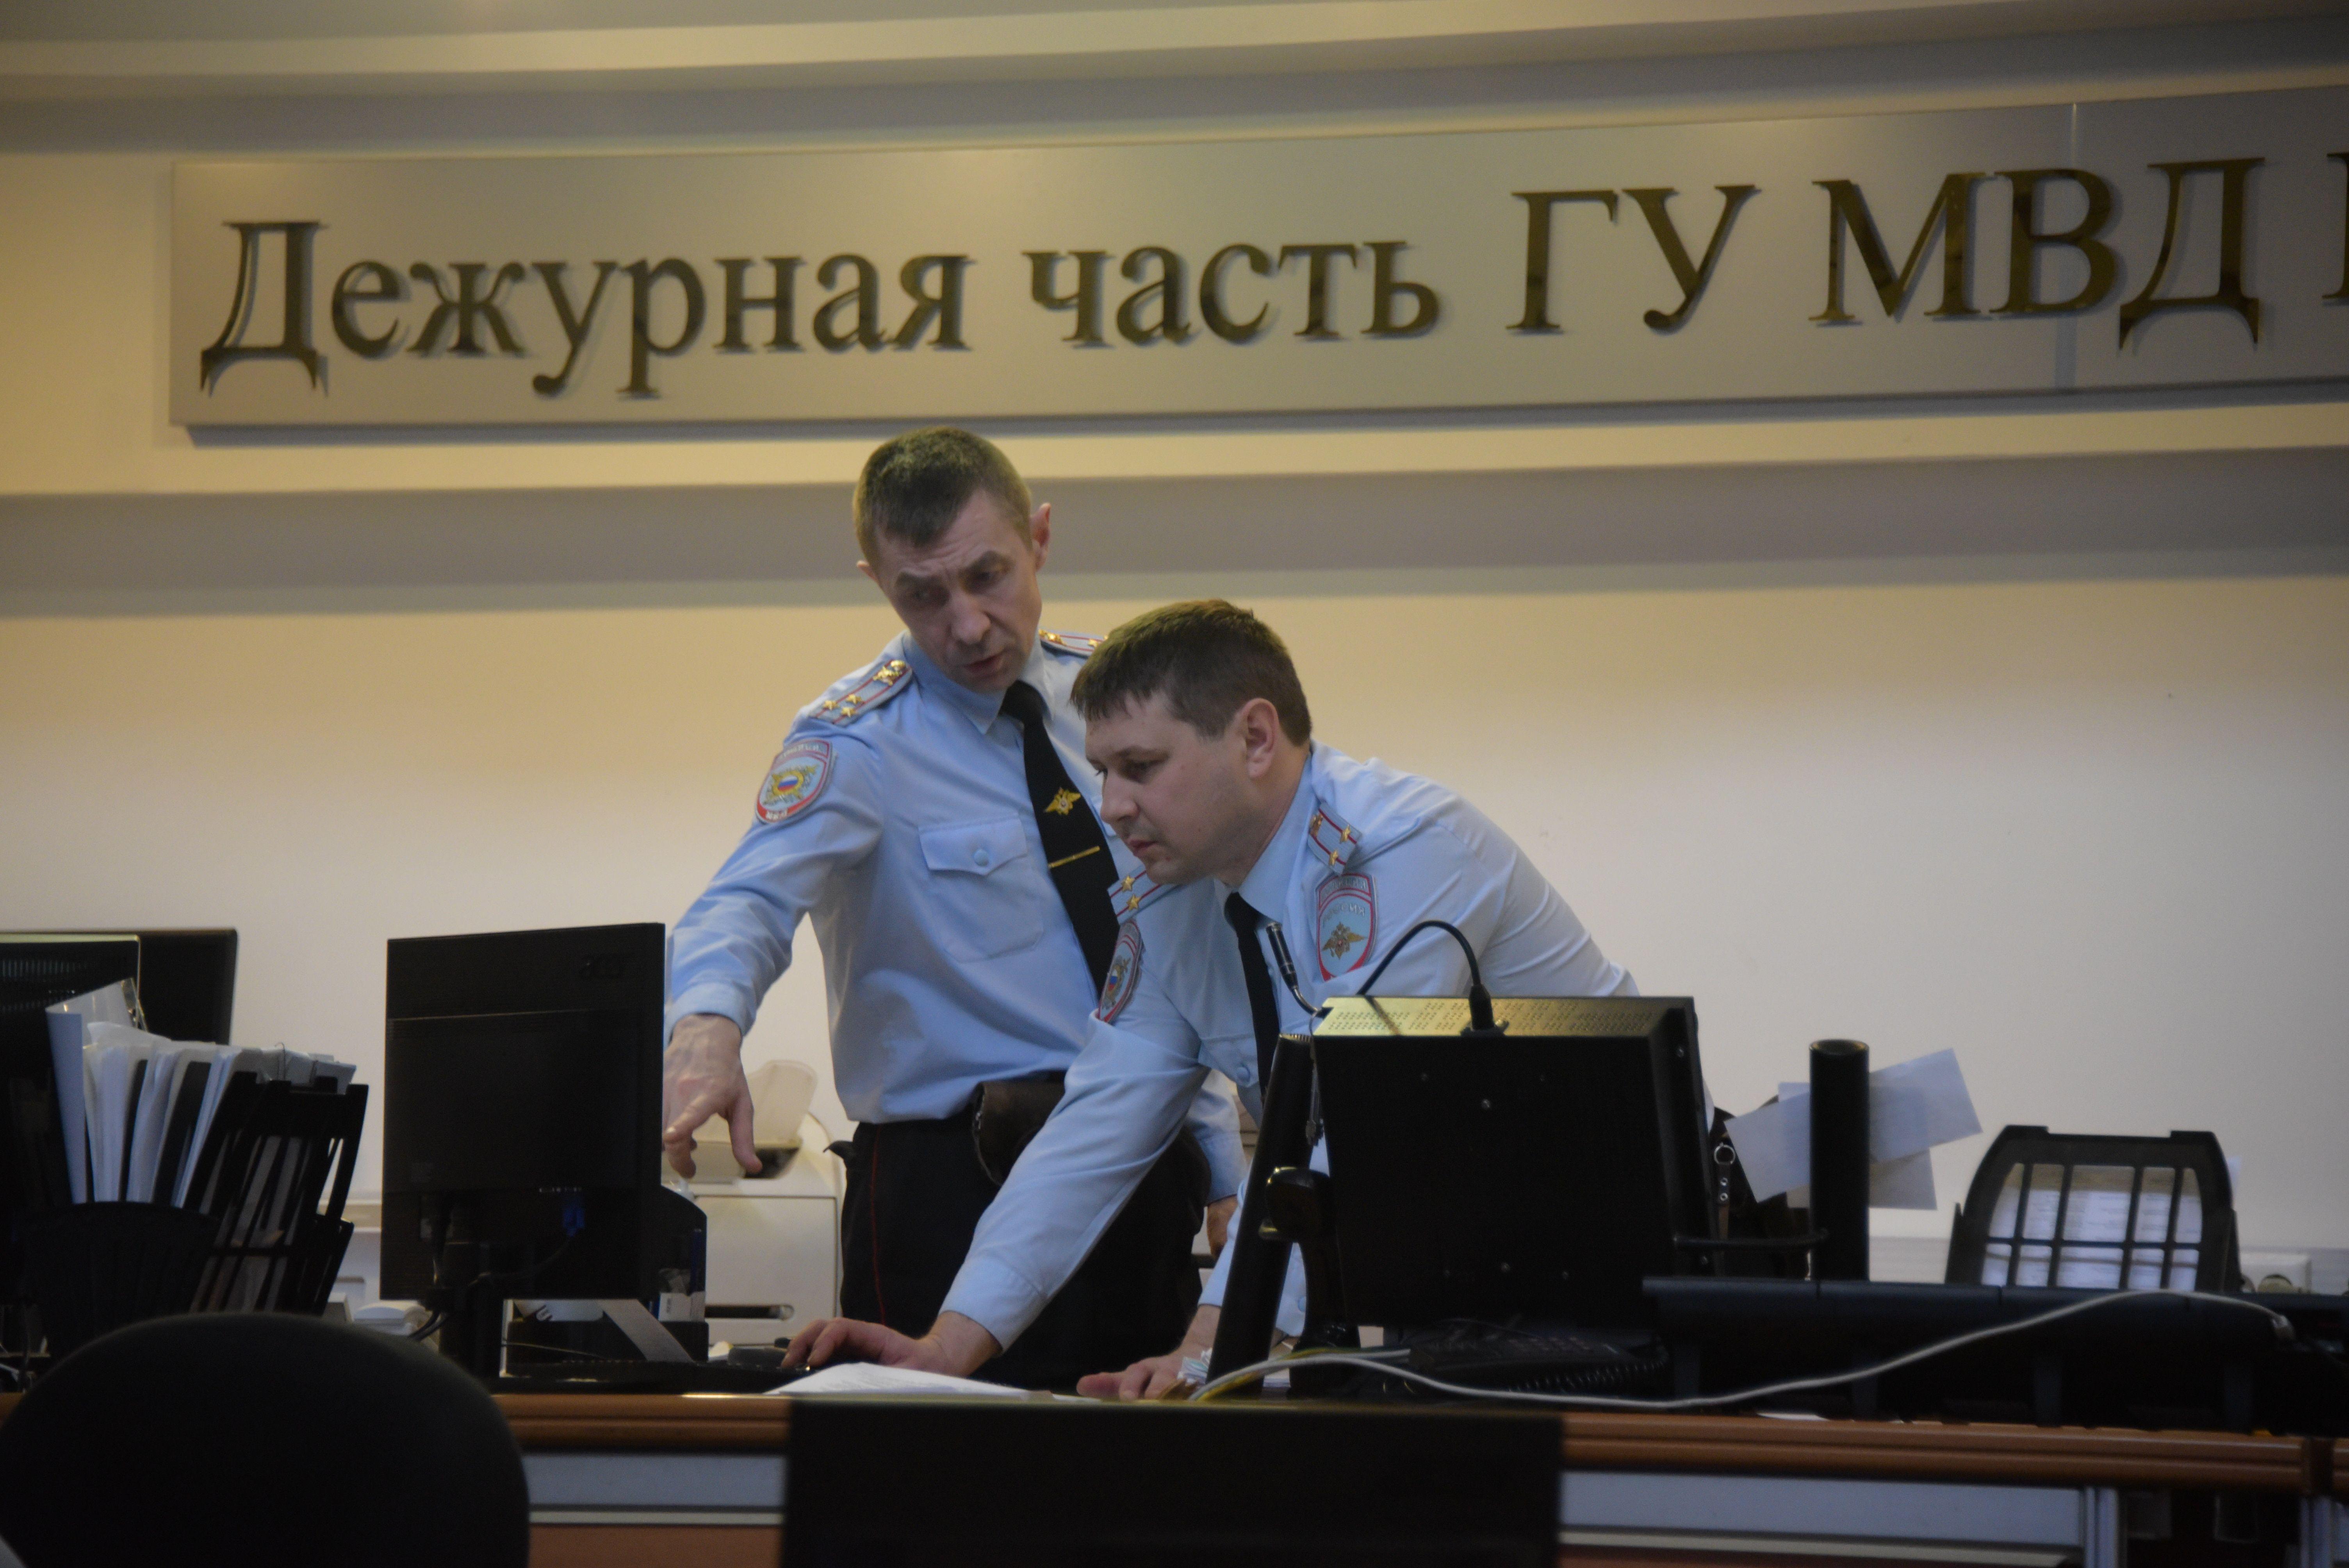 Полицейские УВД по ТиНАО задержали подозреваемого в краже у пенсионера